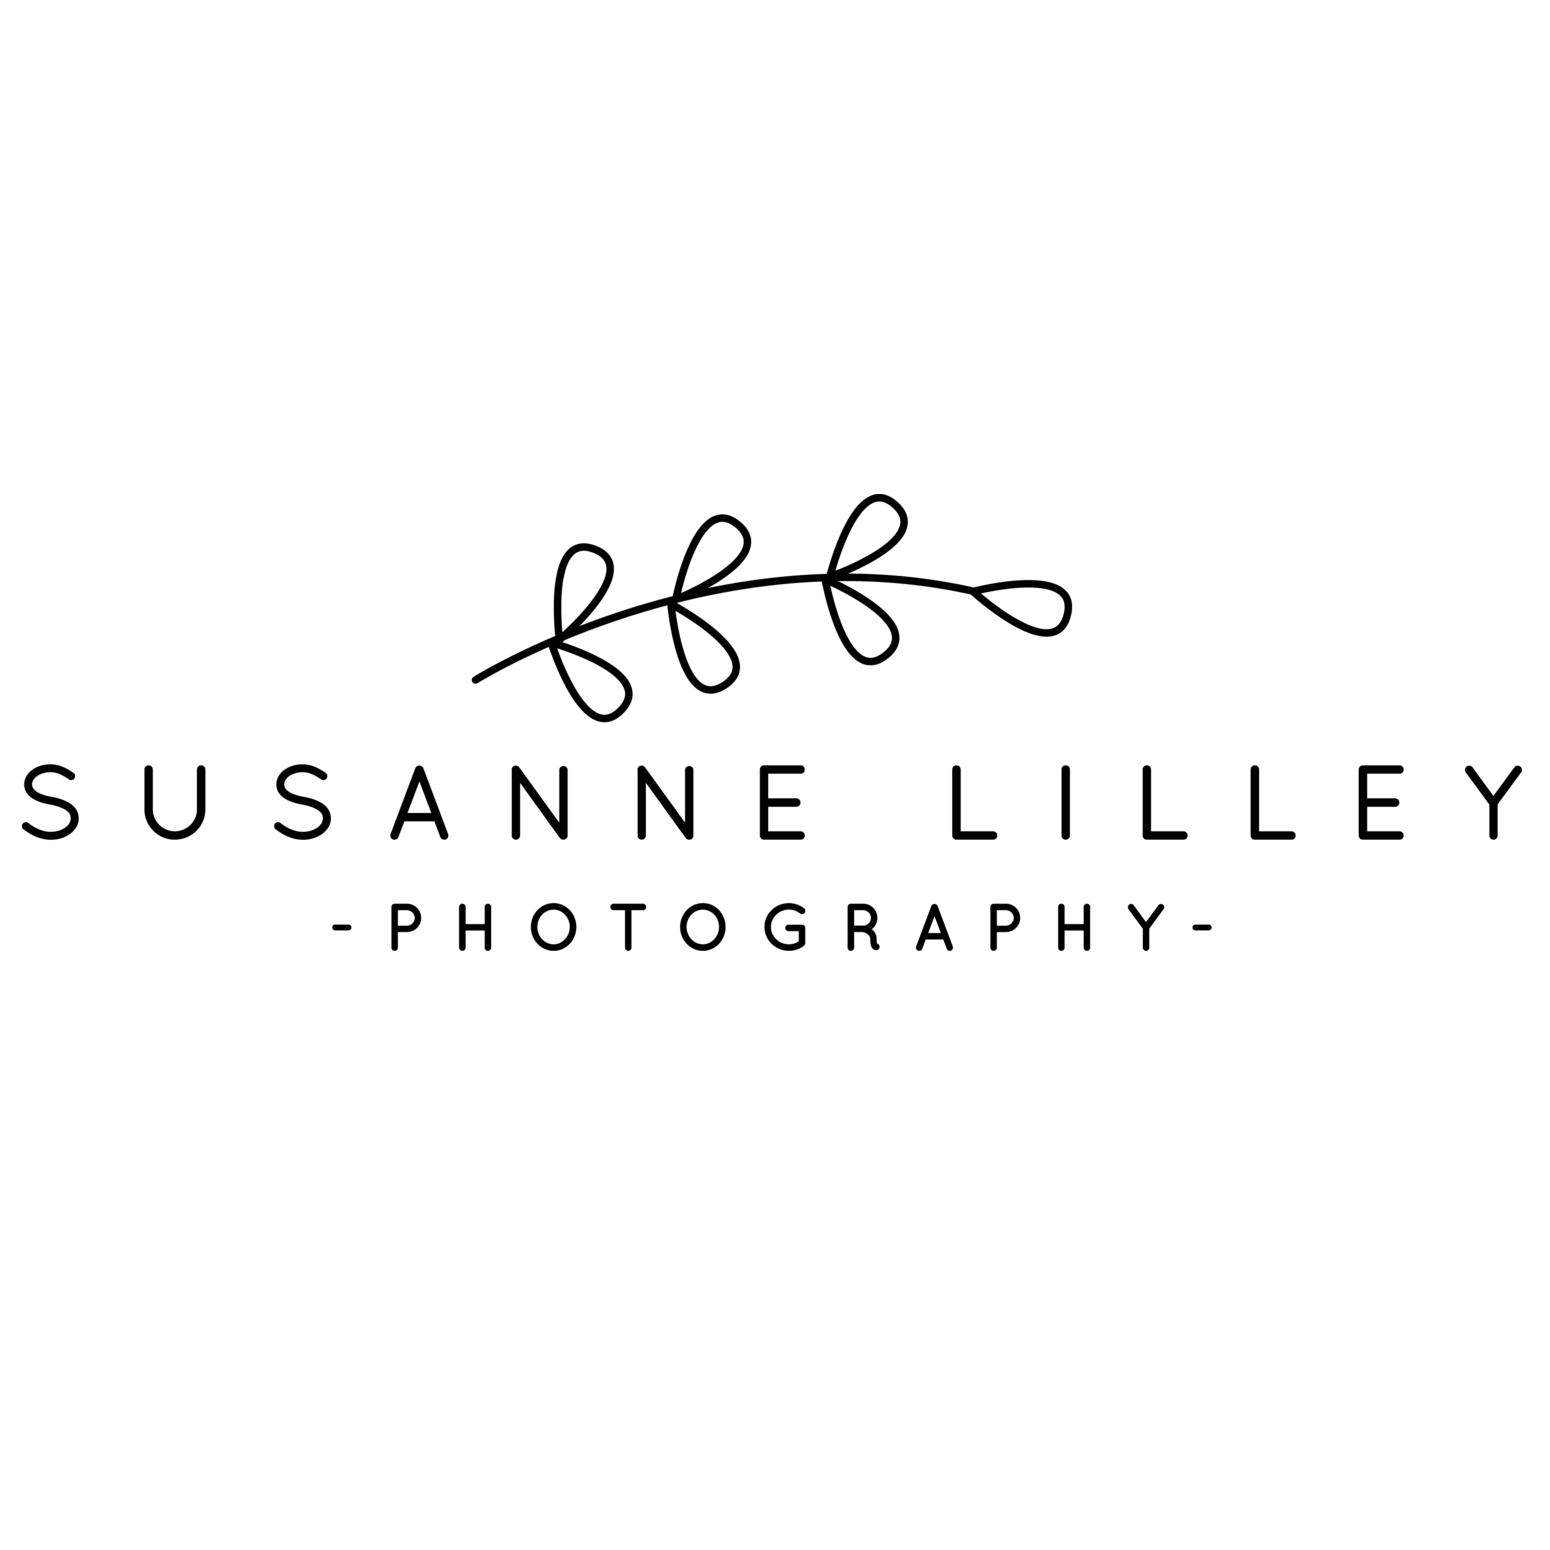 Susanne Lilley